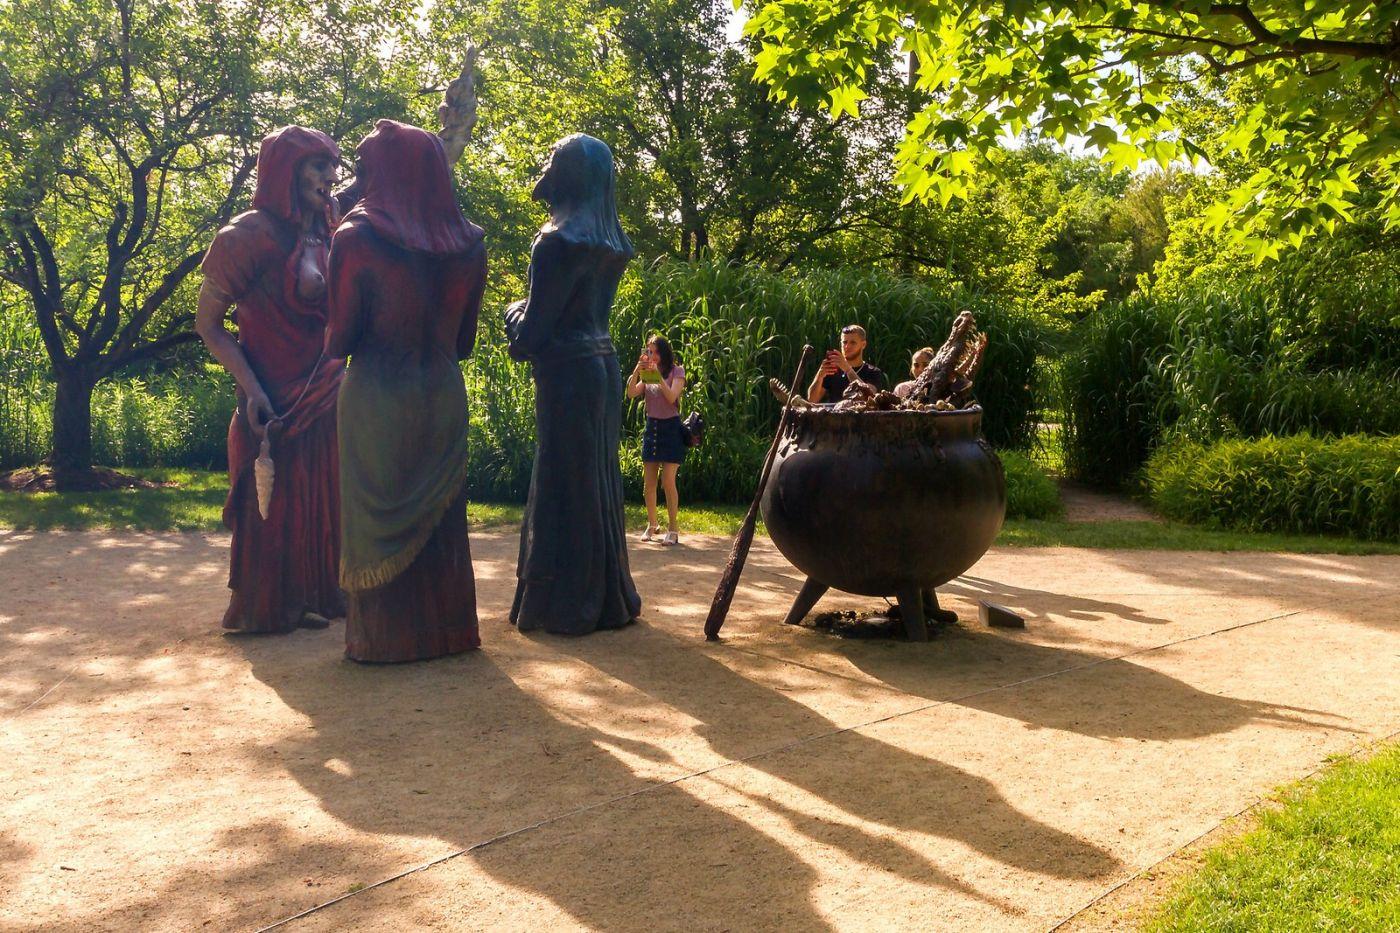 新澤西州雕塑公園(Grounds for scuplture),題材很廣_圖1-16